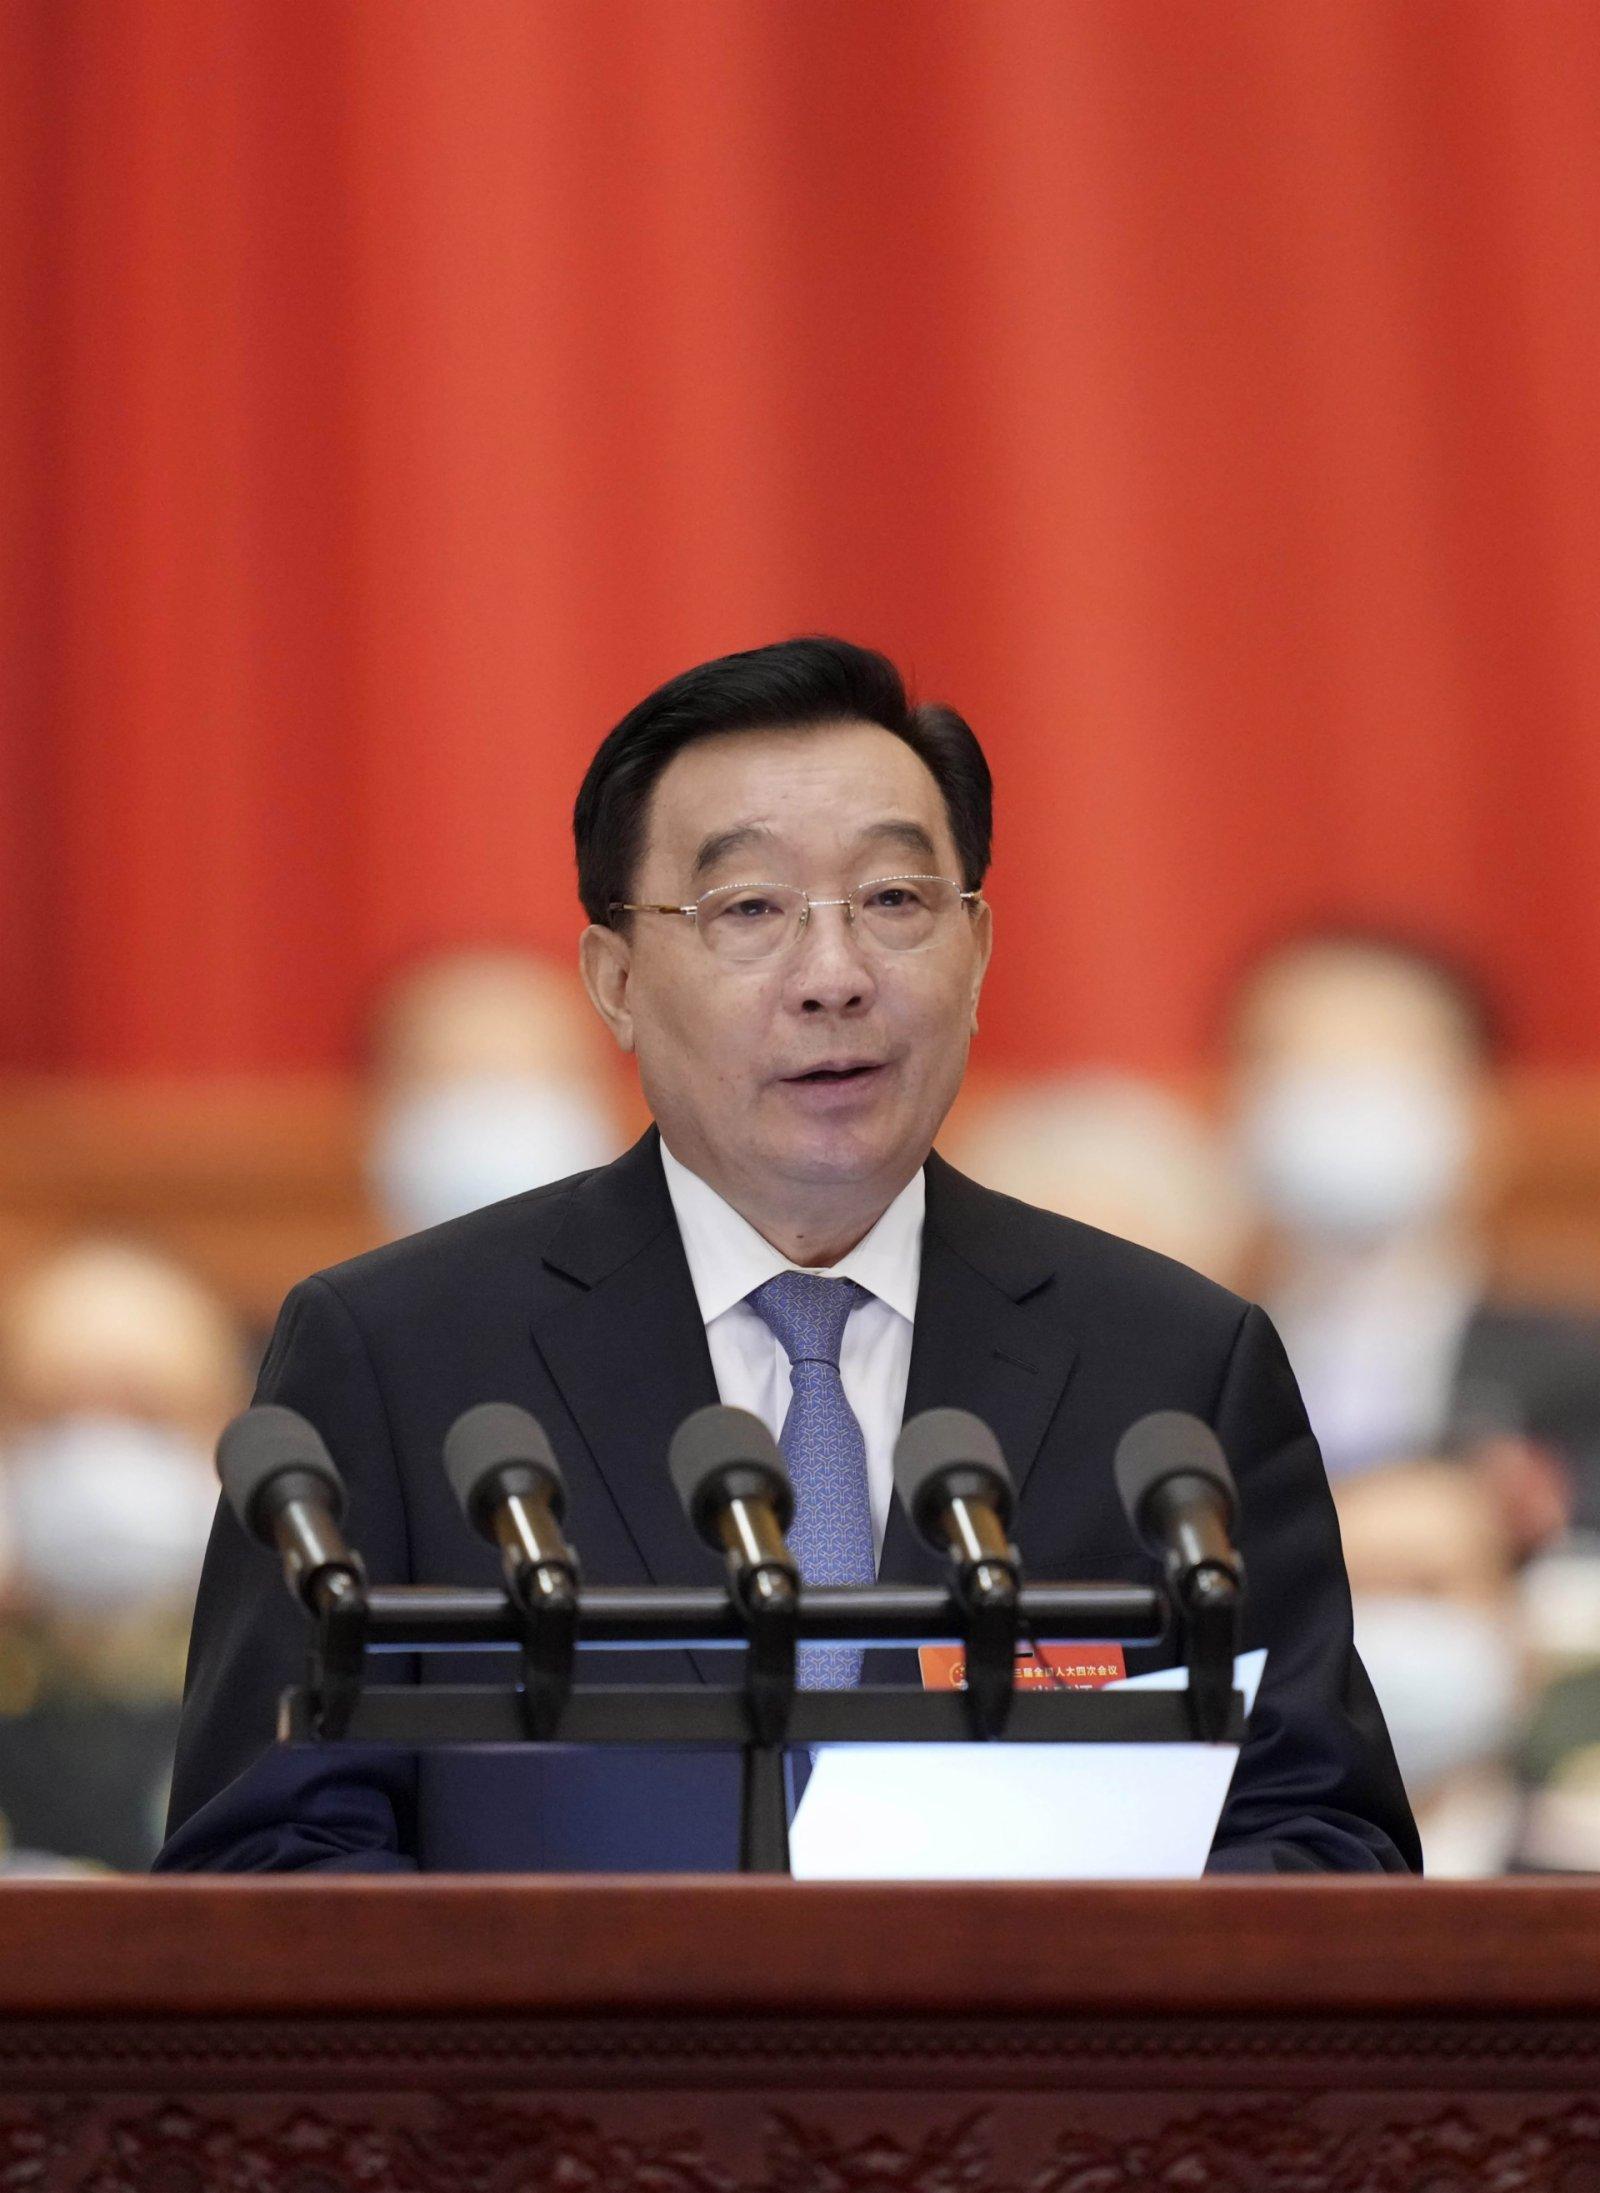 全國兩會|王晨:只修改基本法附件 完善香港選舉制度